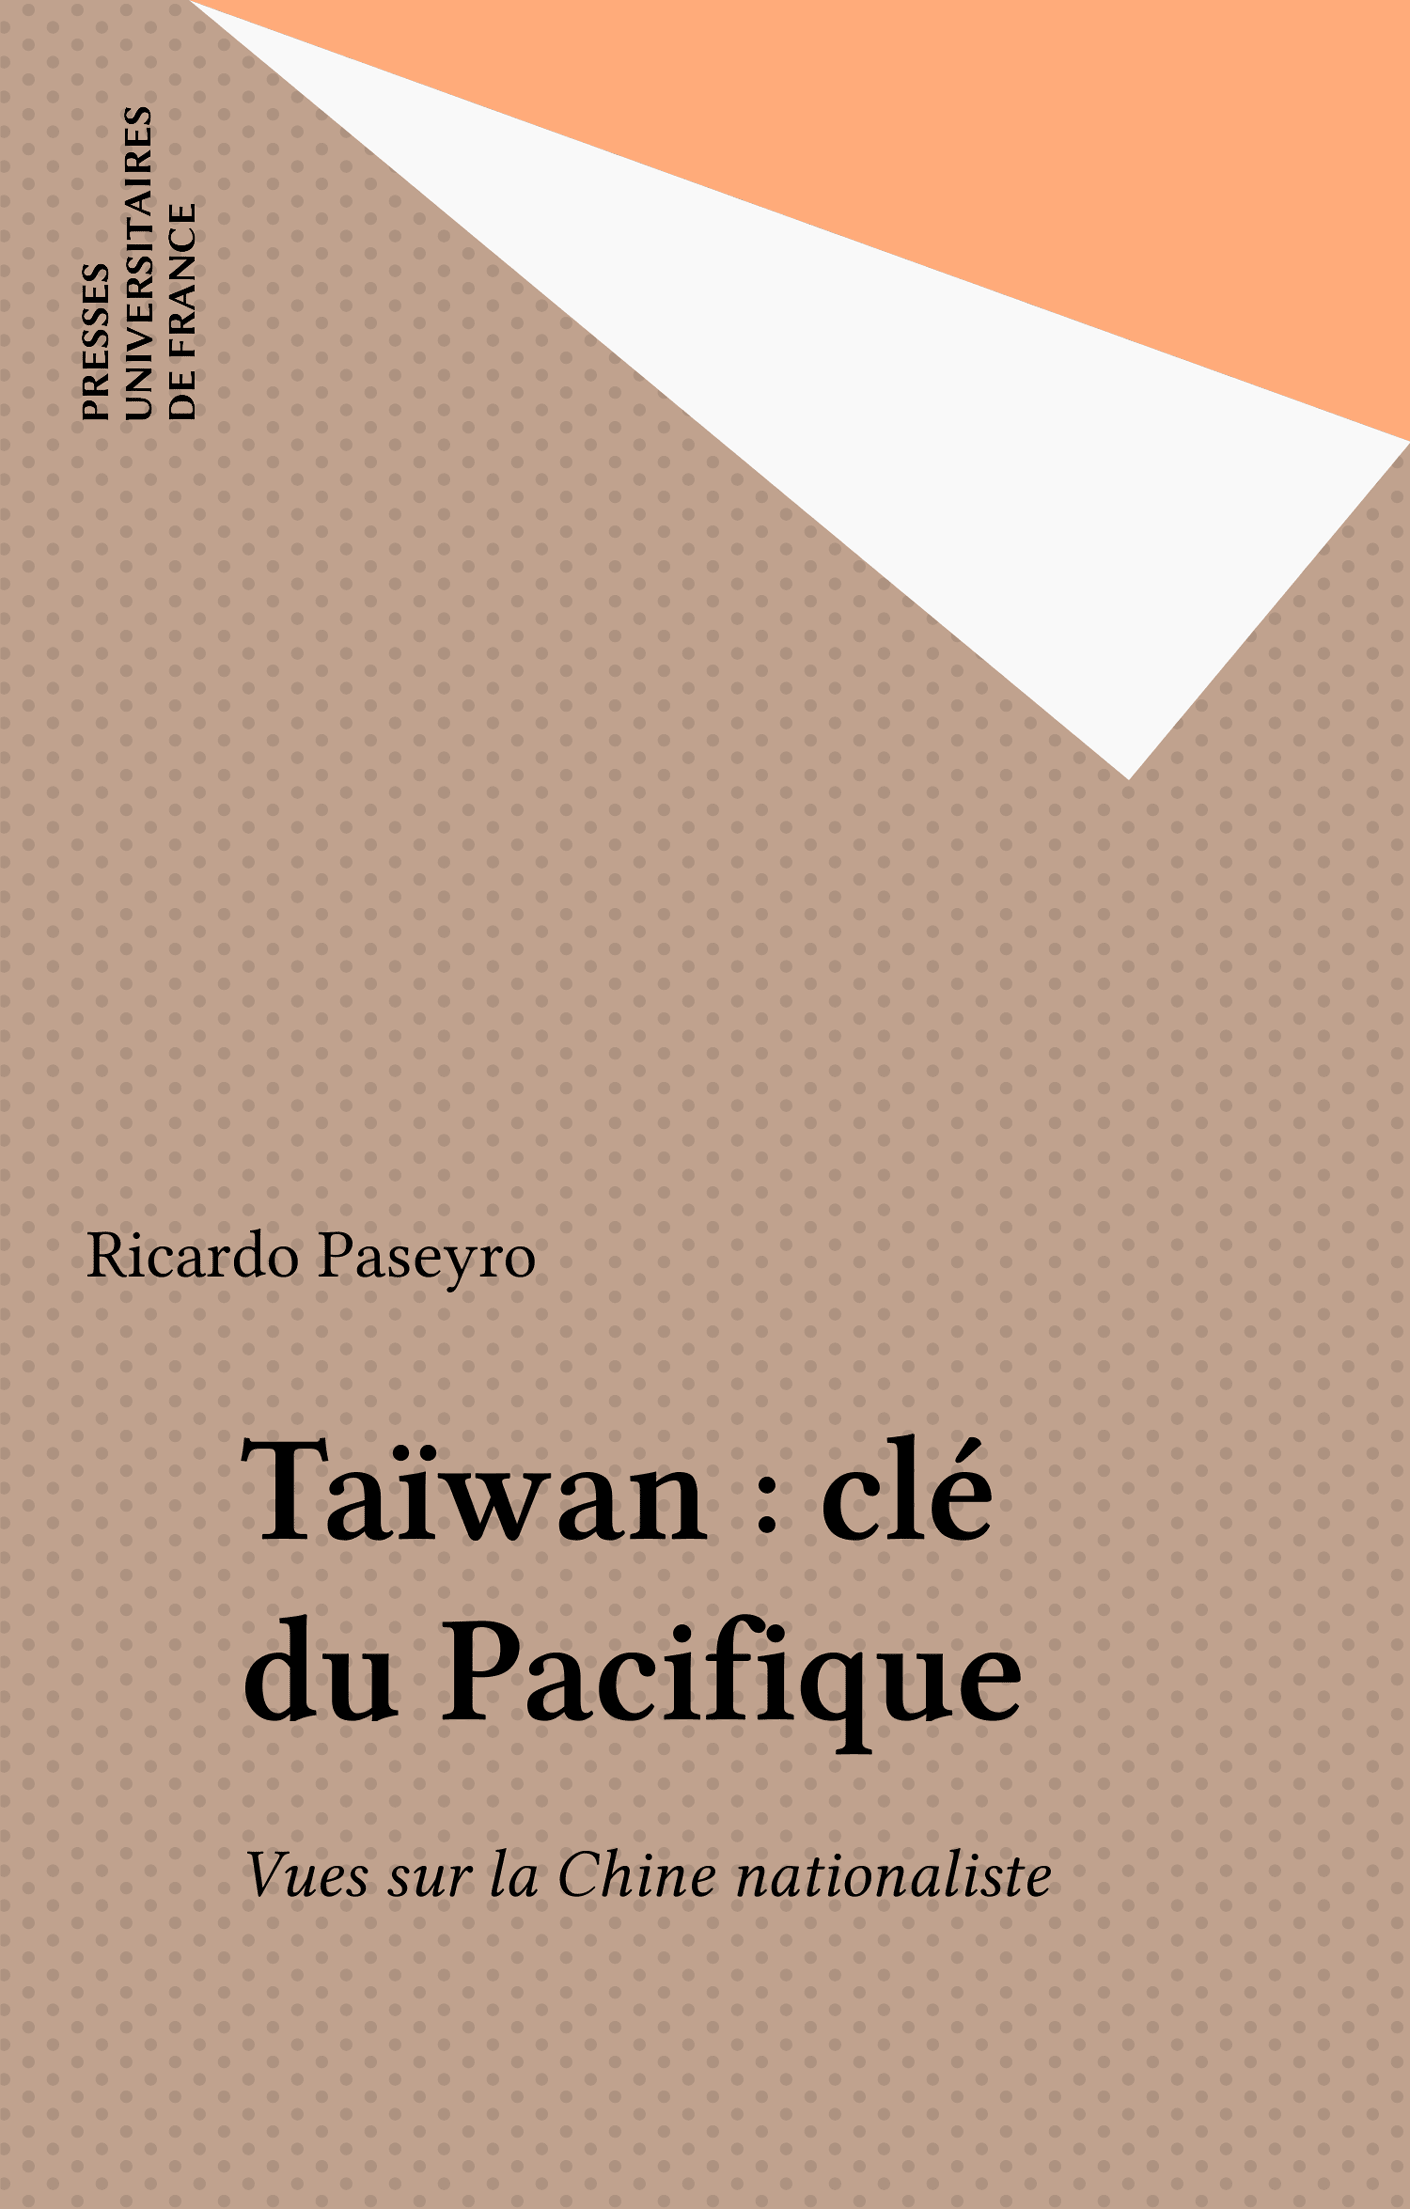 Taïwan : clé du Pacifique